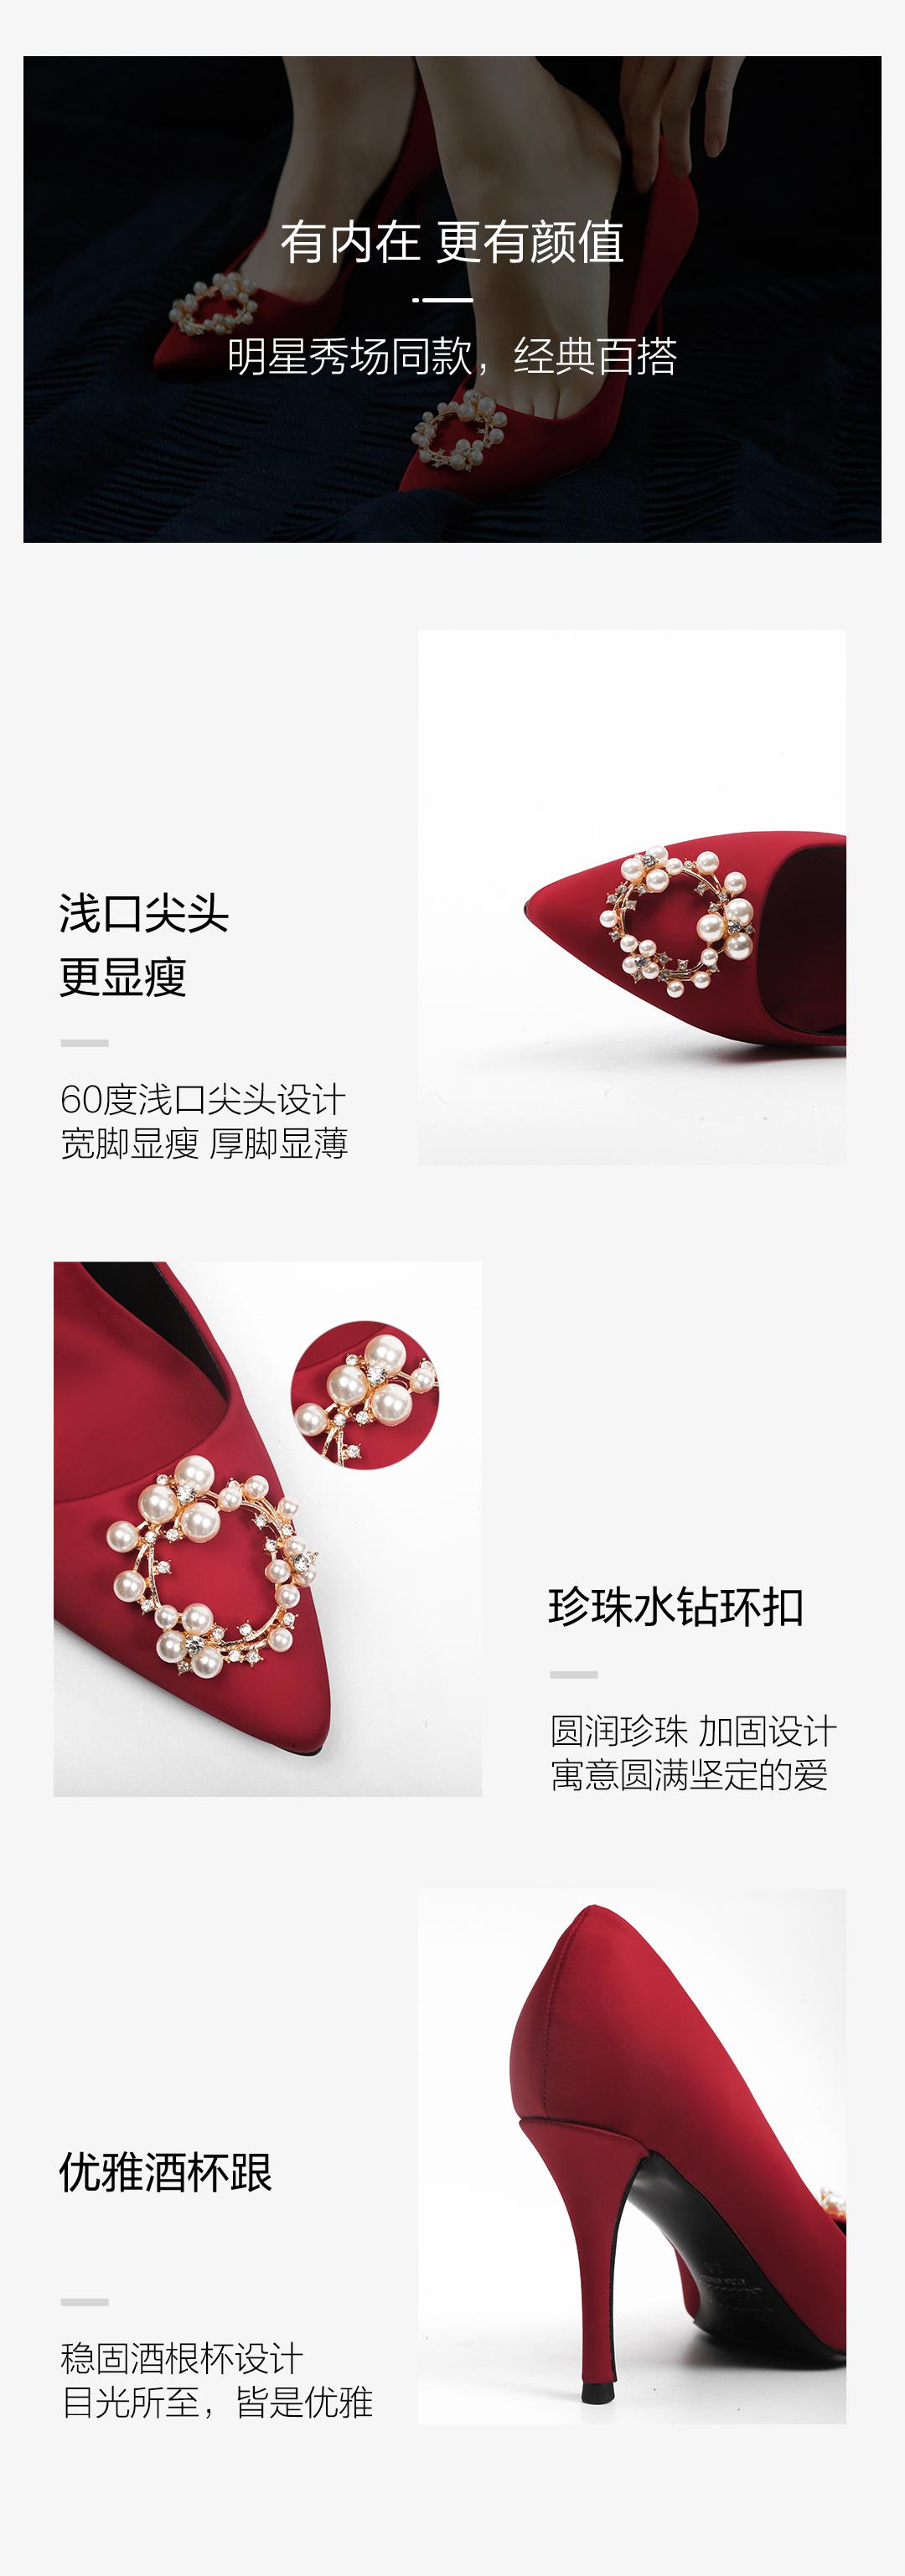 多种跟高可选 优雅圆扣珍珠新娘高跟婚鞋